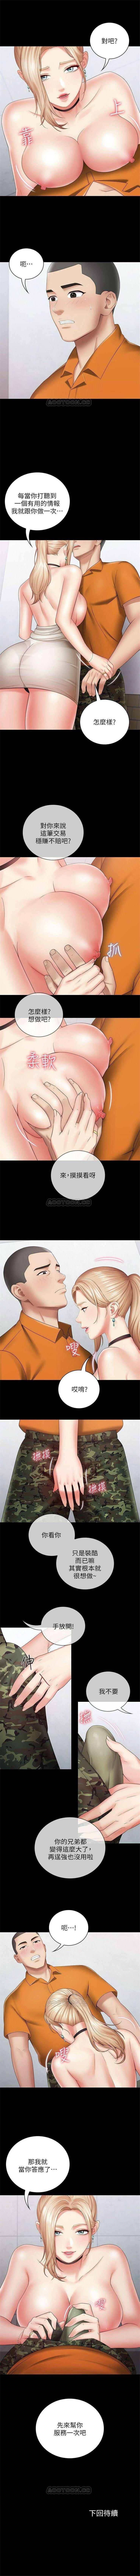 (週6)妹妹的義務 1-19 中文翻譯(更新中) 141